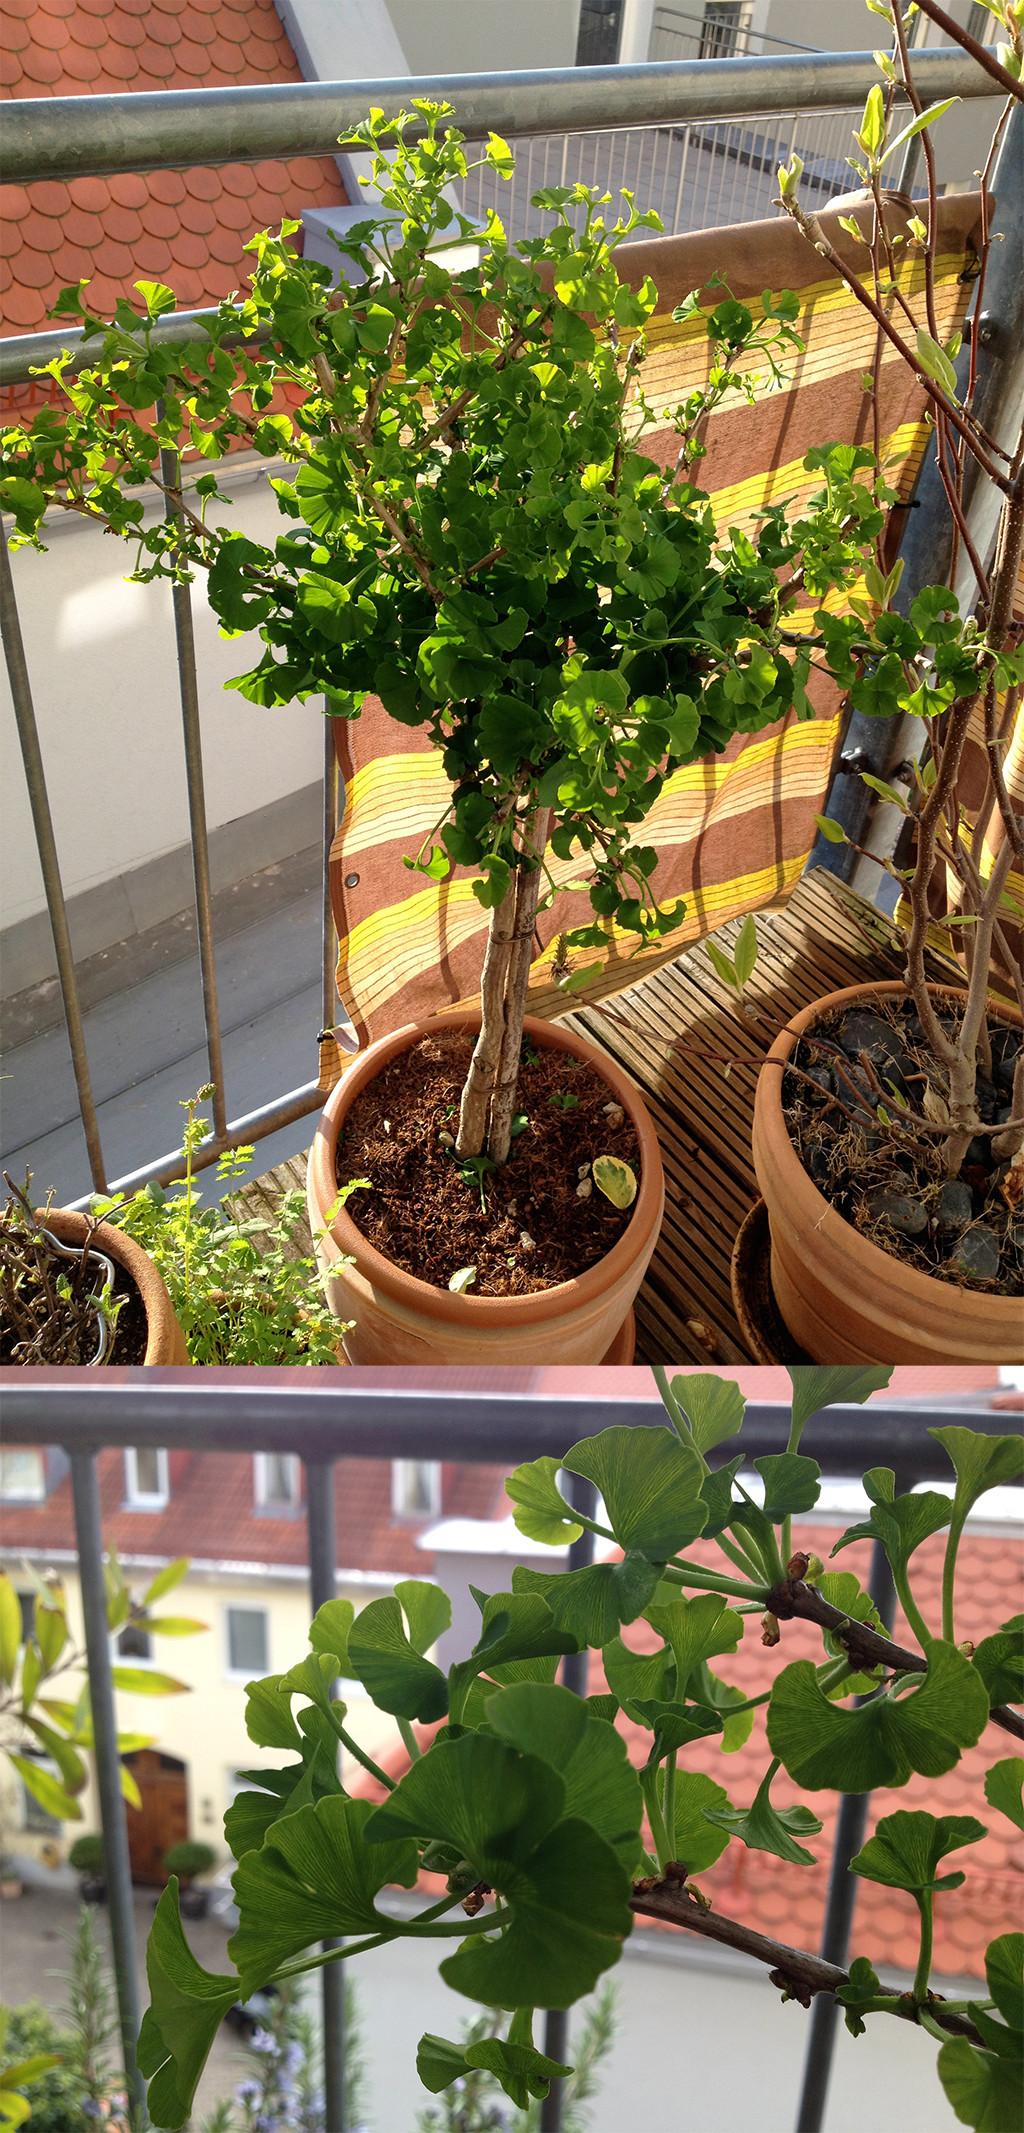 Ginkgobaum und Eulen am Balkon? Noch mehr Alter und Weisheit wäre schwer auszuhalten!